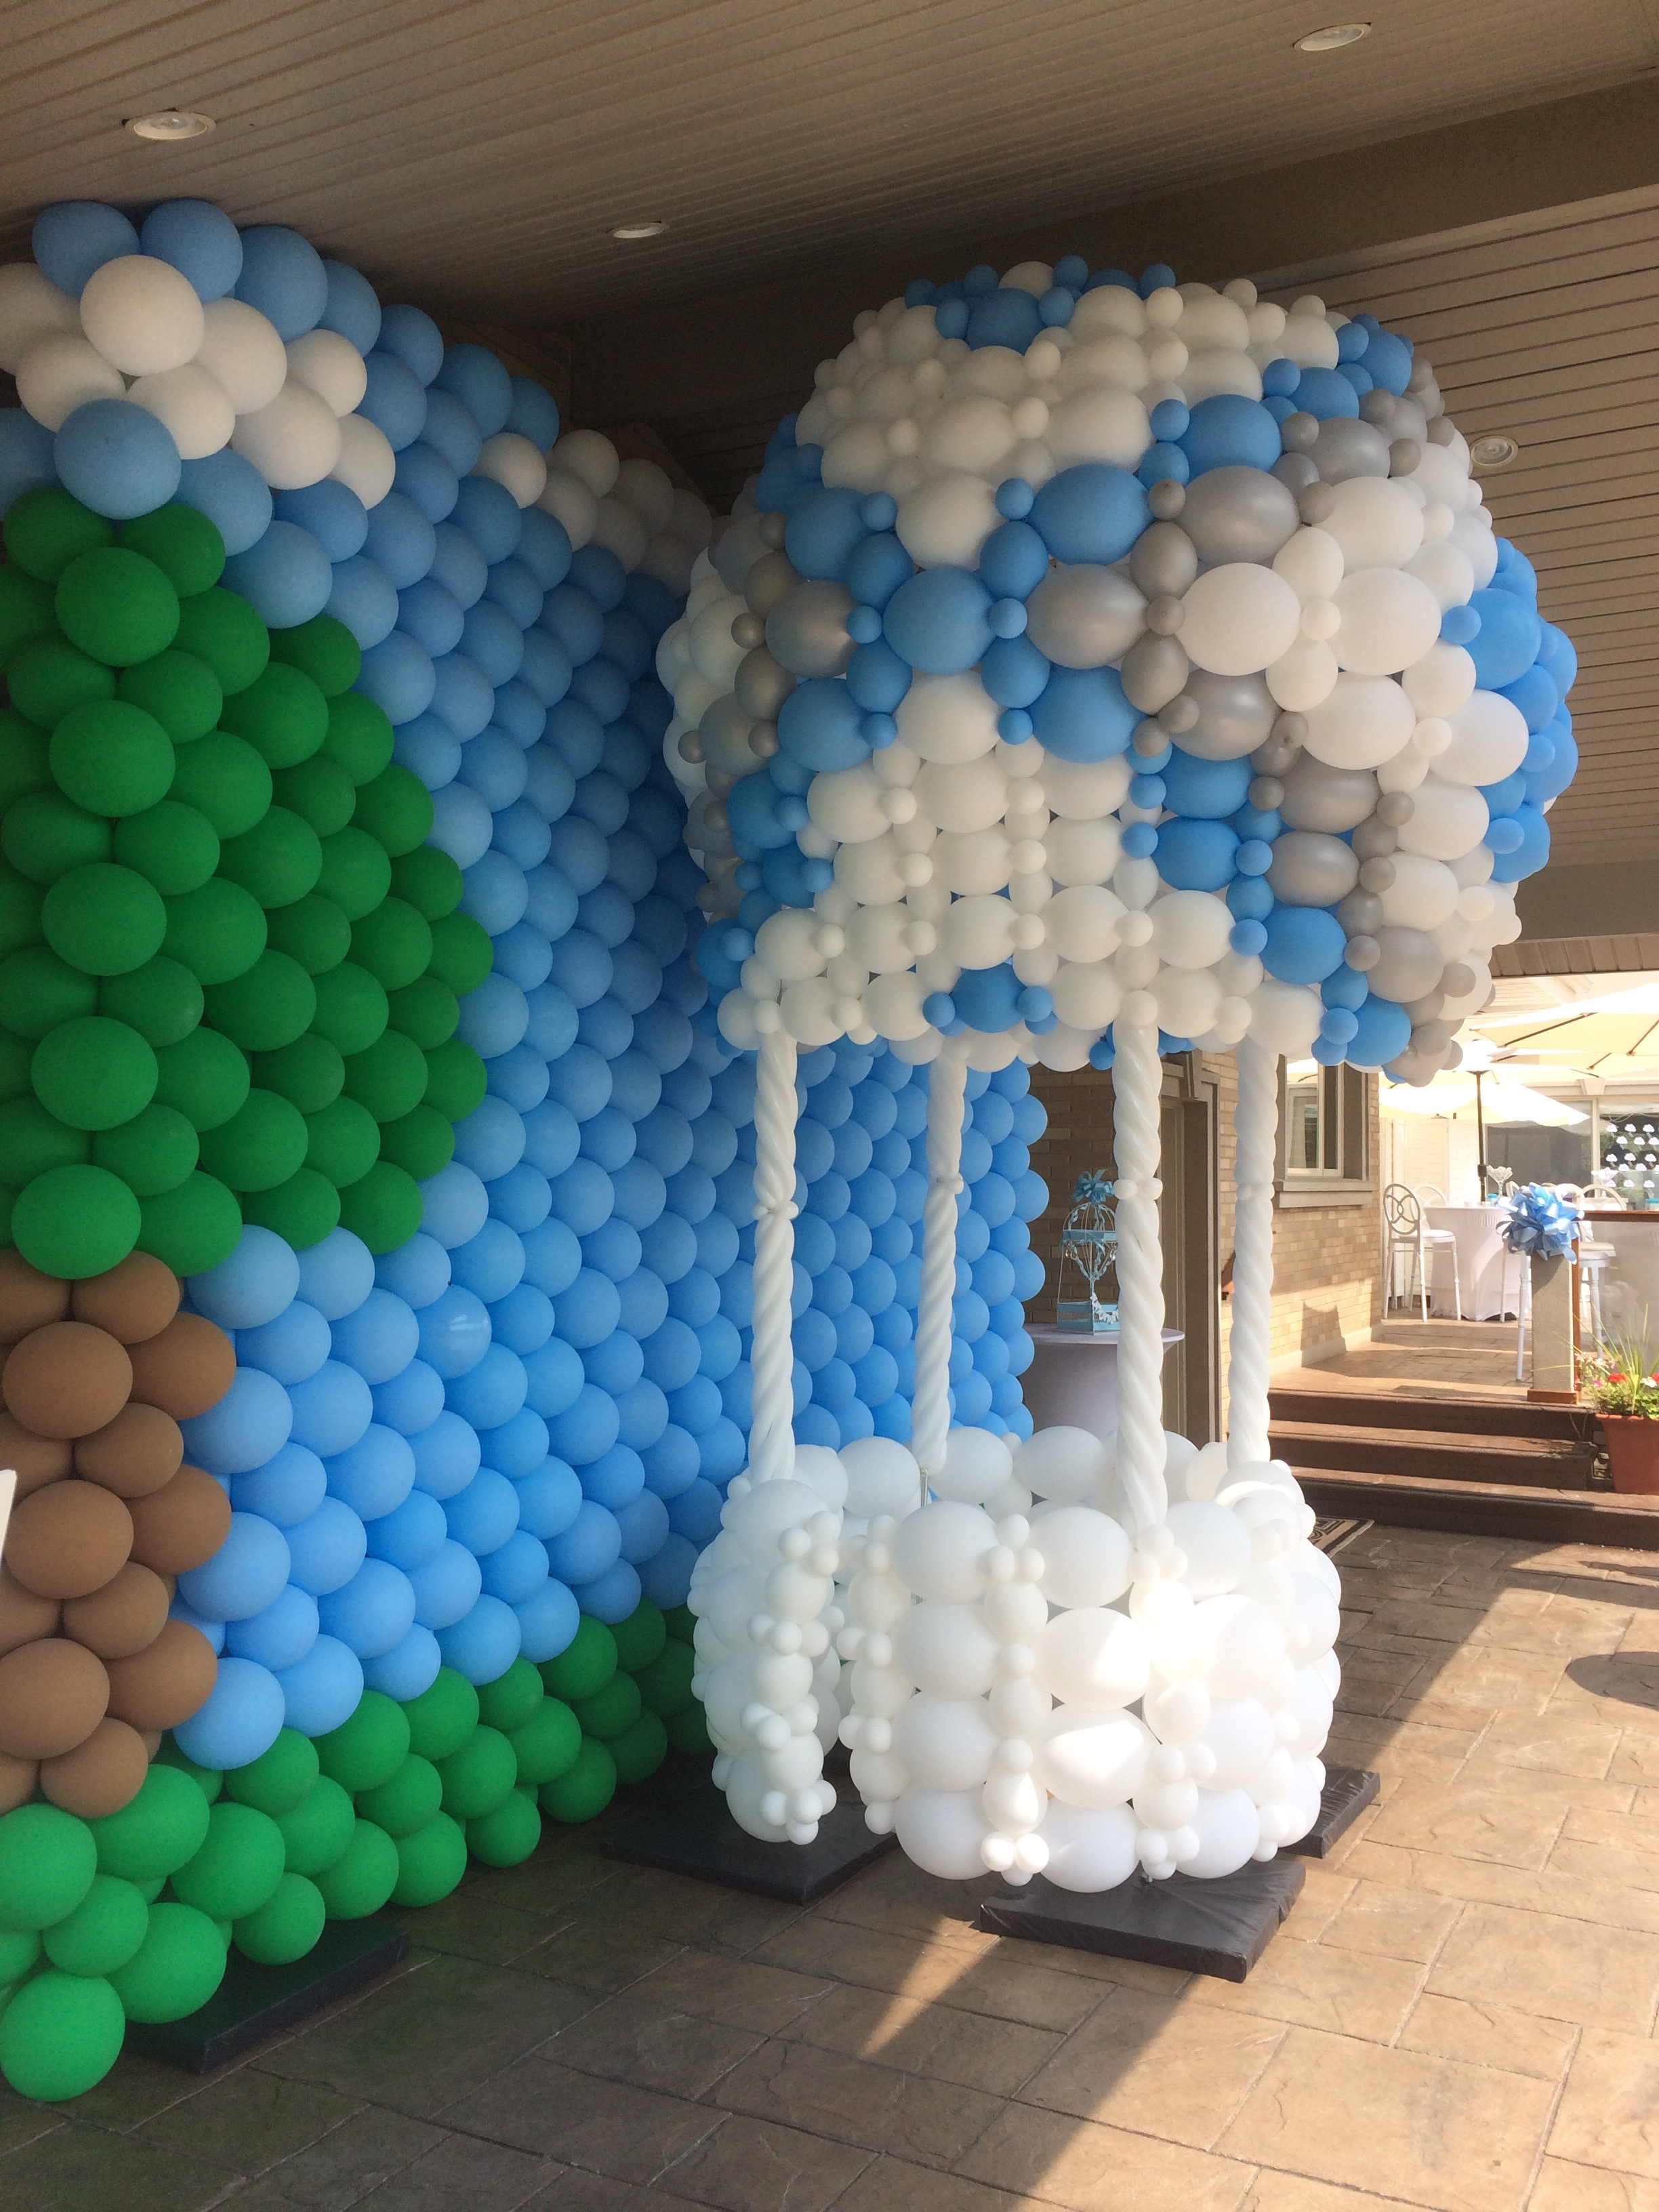 Hot Air Balloon Sculpture